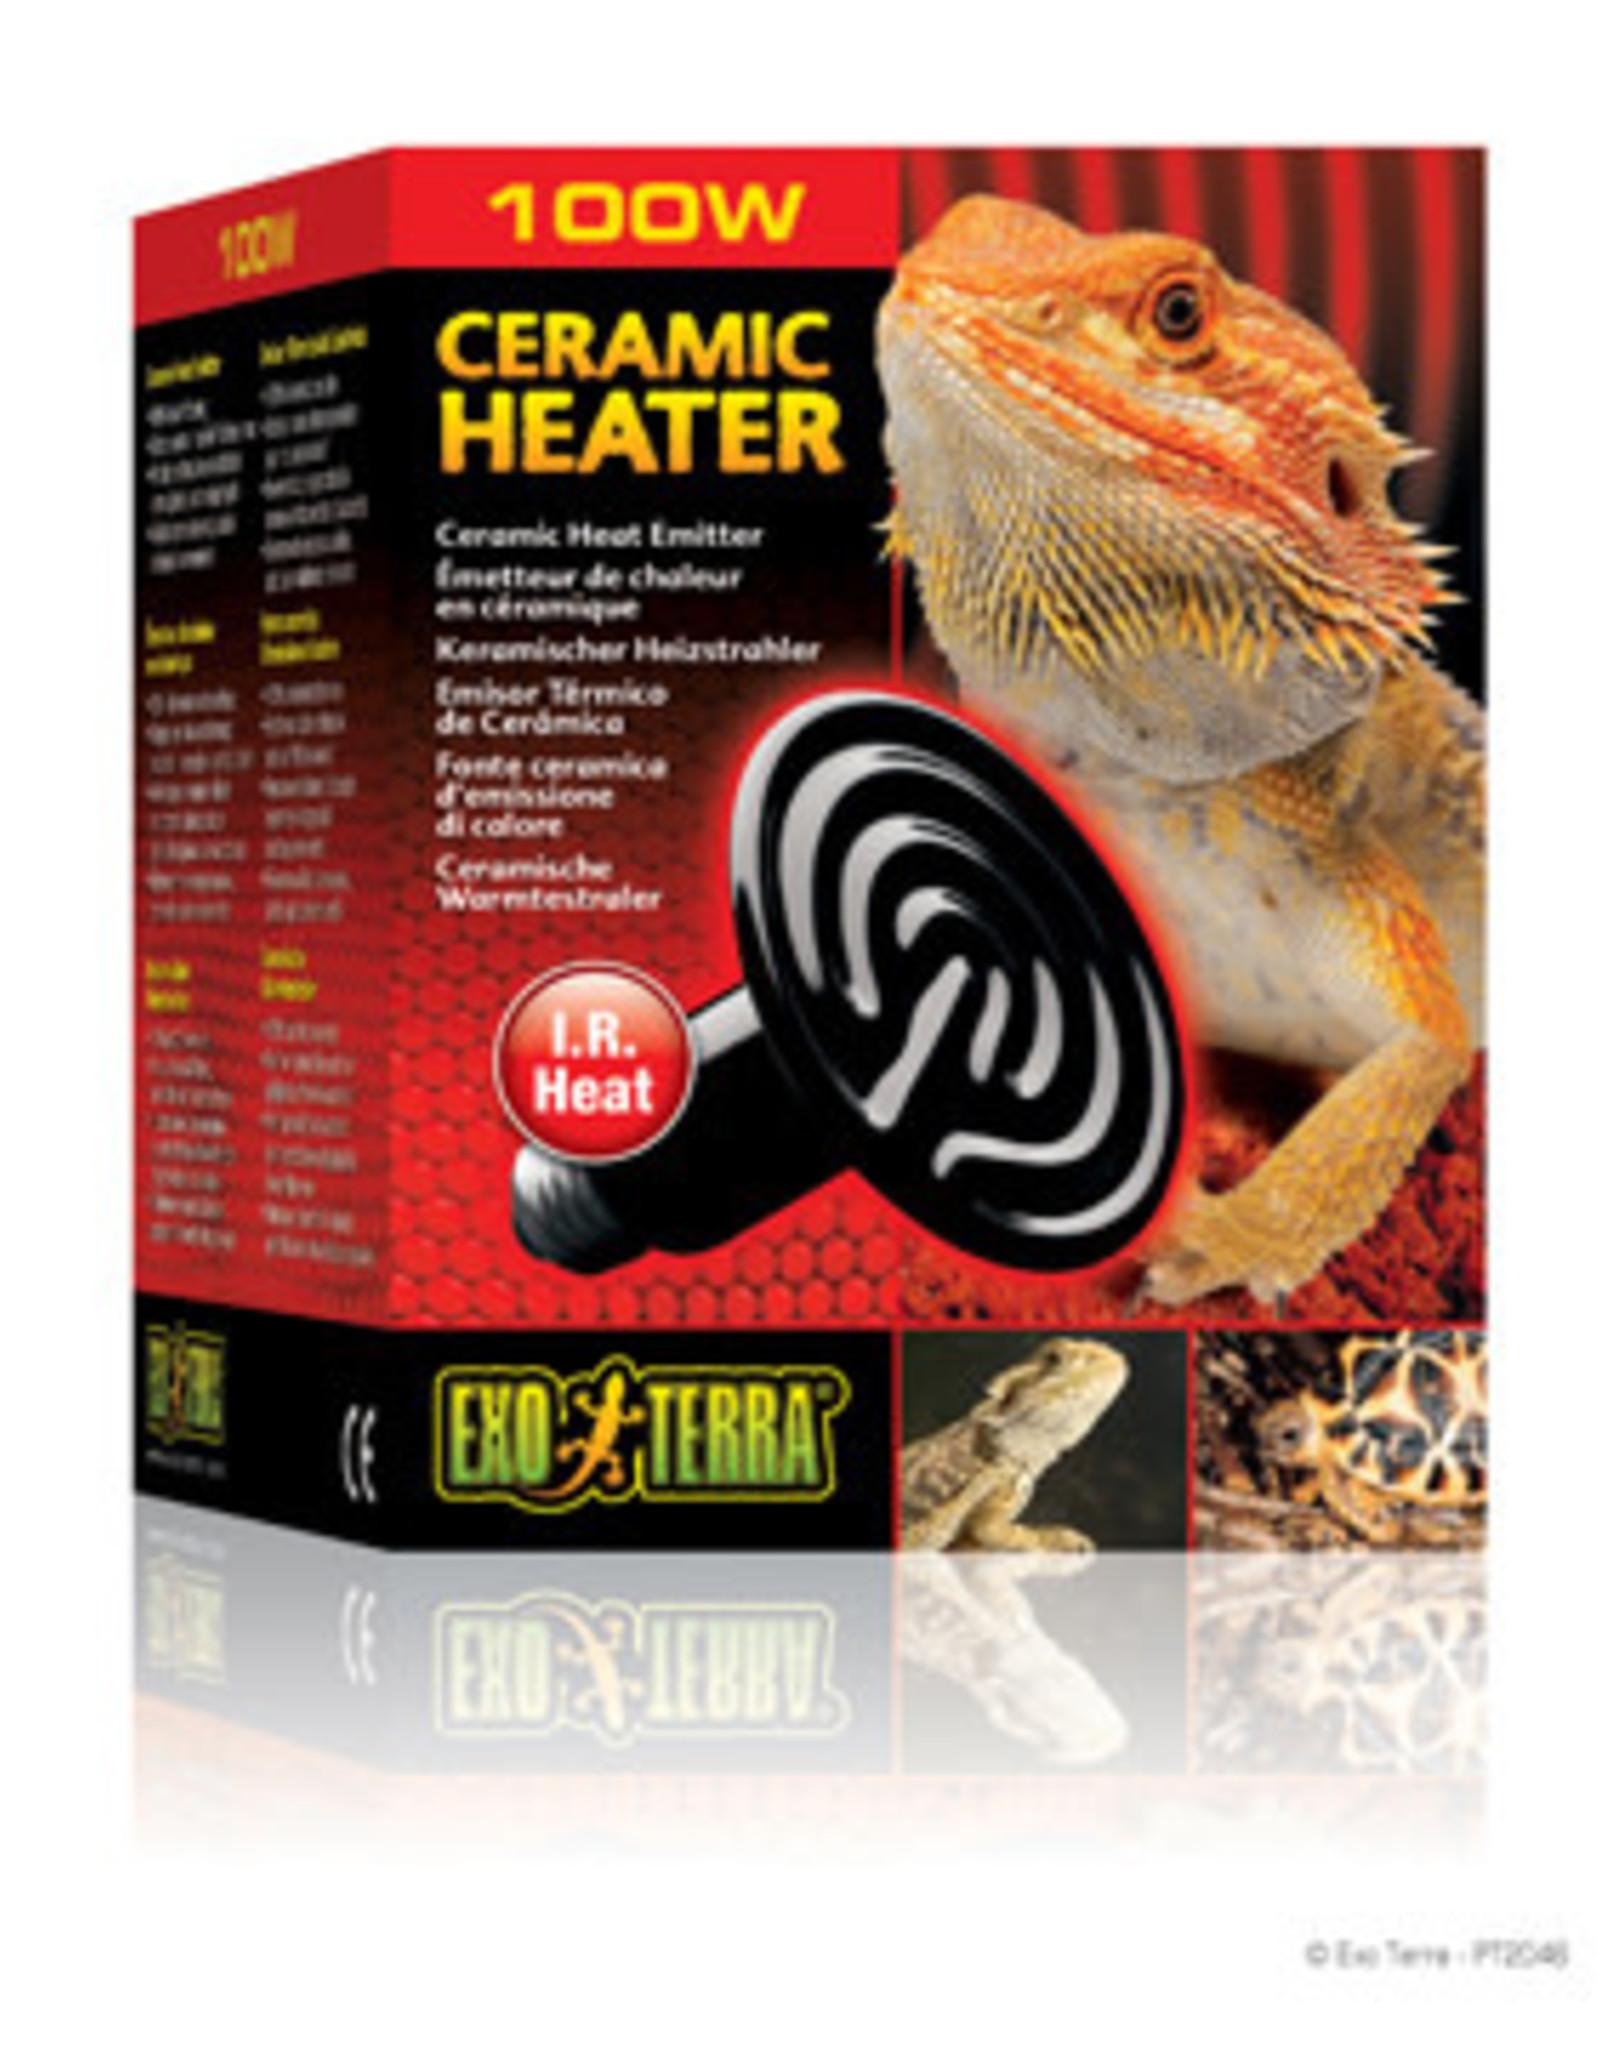 EXO-TERRA Exo Terra Ceramic Heater - 100 W